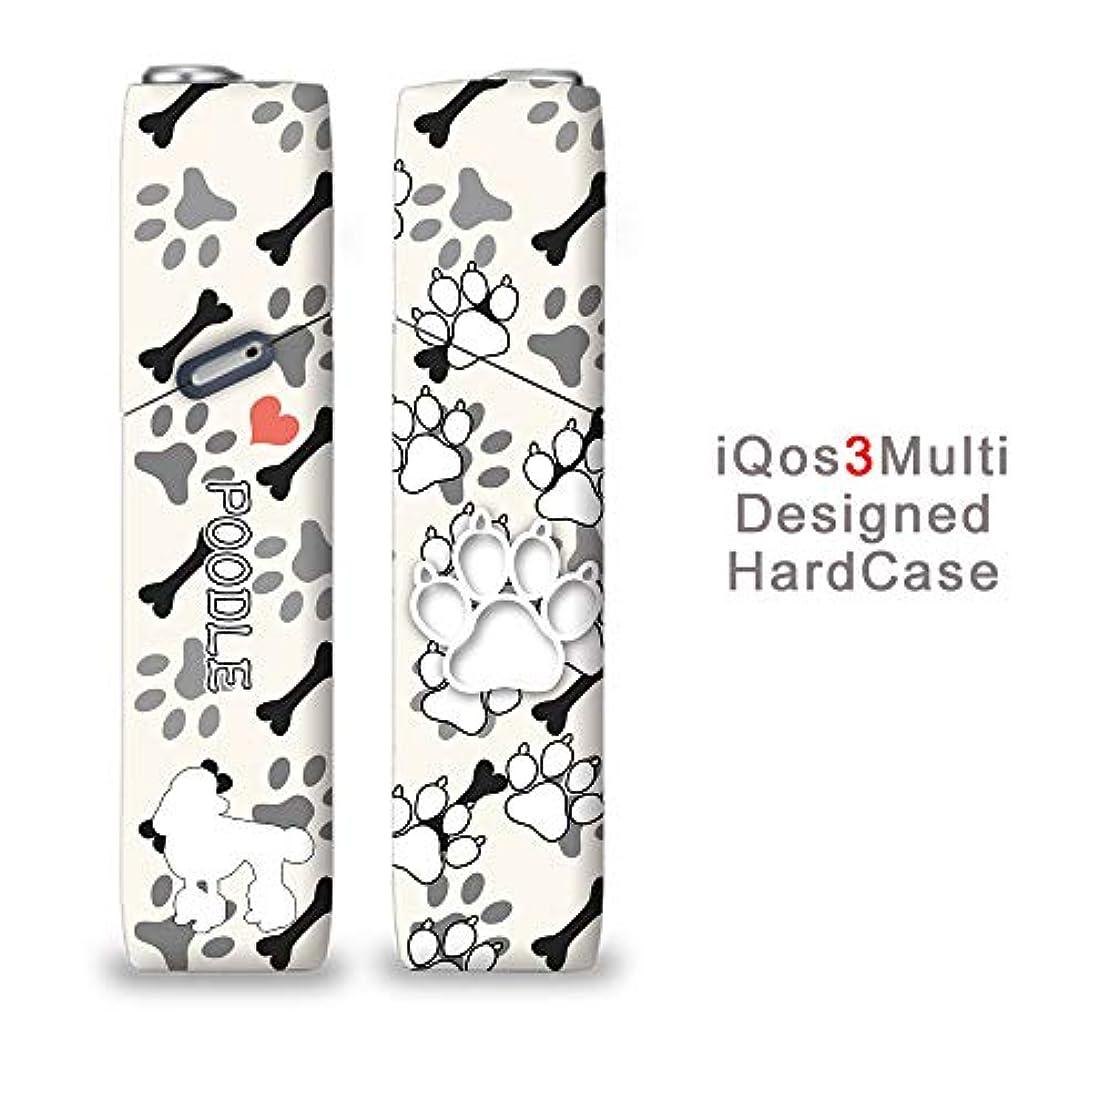 一方、バッチ優れました完全国内受注生産 iQOS3マルチ用 アイコス3マルチ用 熱転写全面印刷 ドッグシルエット プードル 加熱式タバコ 電子タバコ 禁煙サポート アクセサリー プラスティックケース ハードケース 日本製